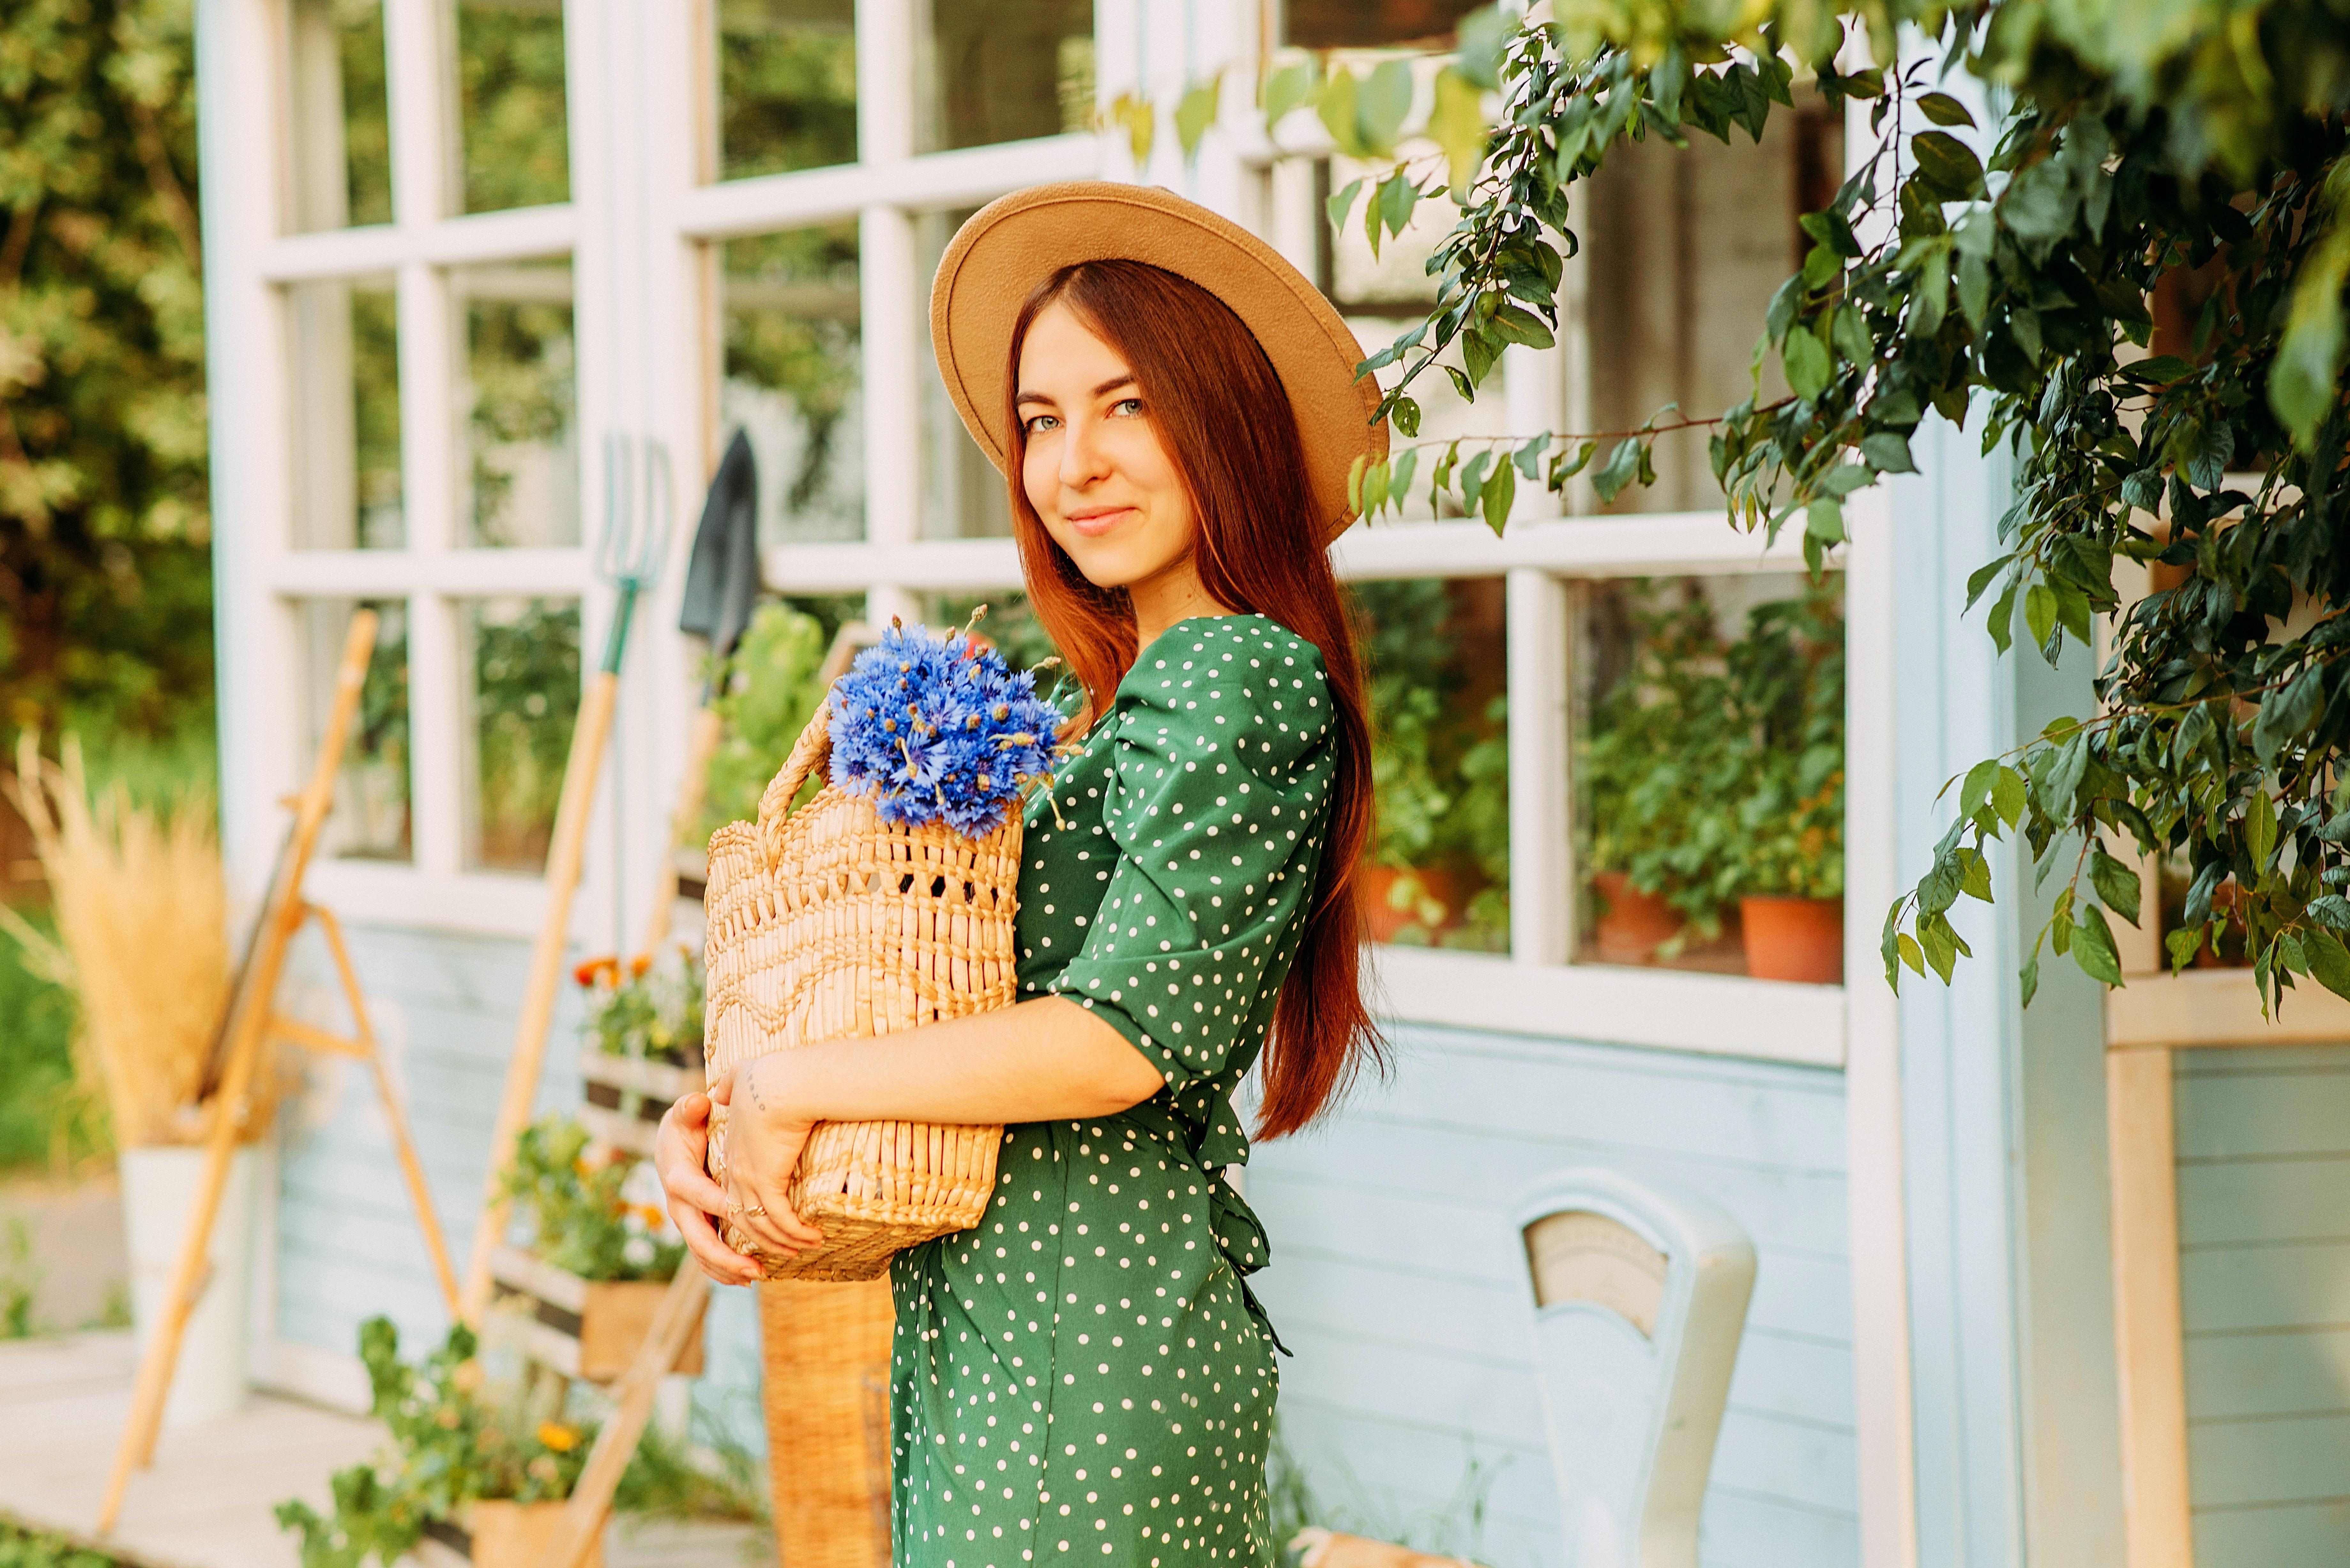 mulher na horta com vestido verde, capéu e um saco de palha com flores na mão